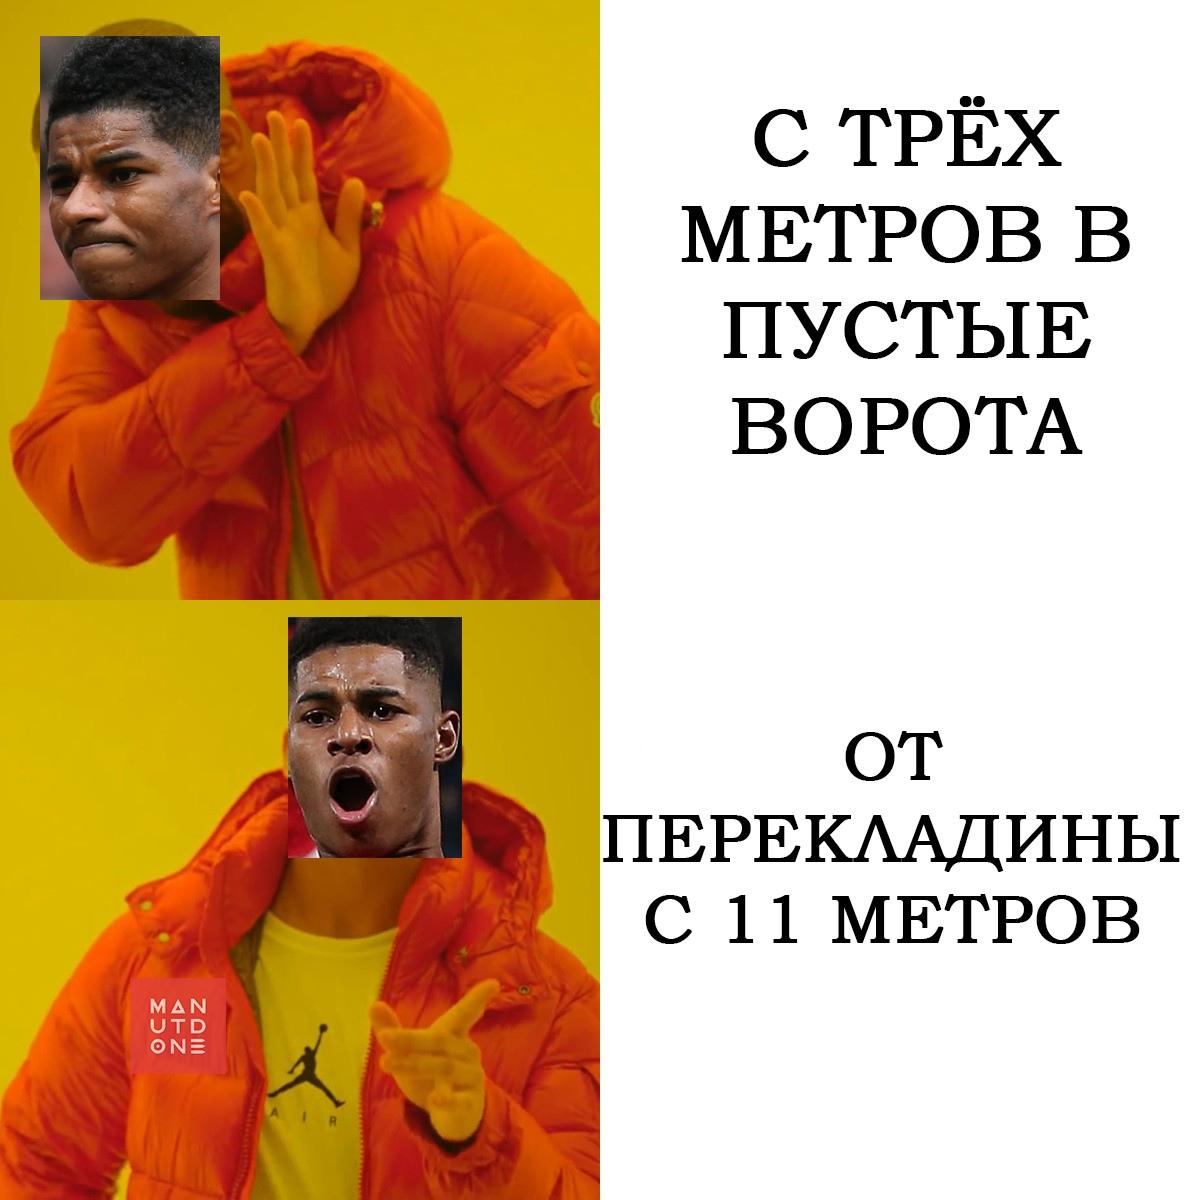 Манчестер Юнайтед - Брайтон